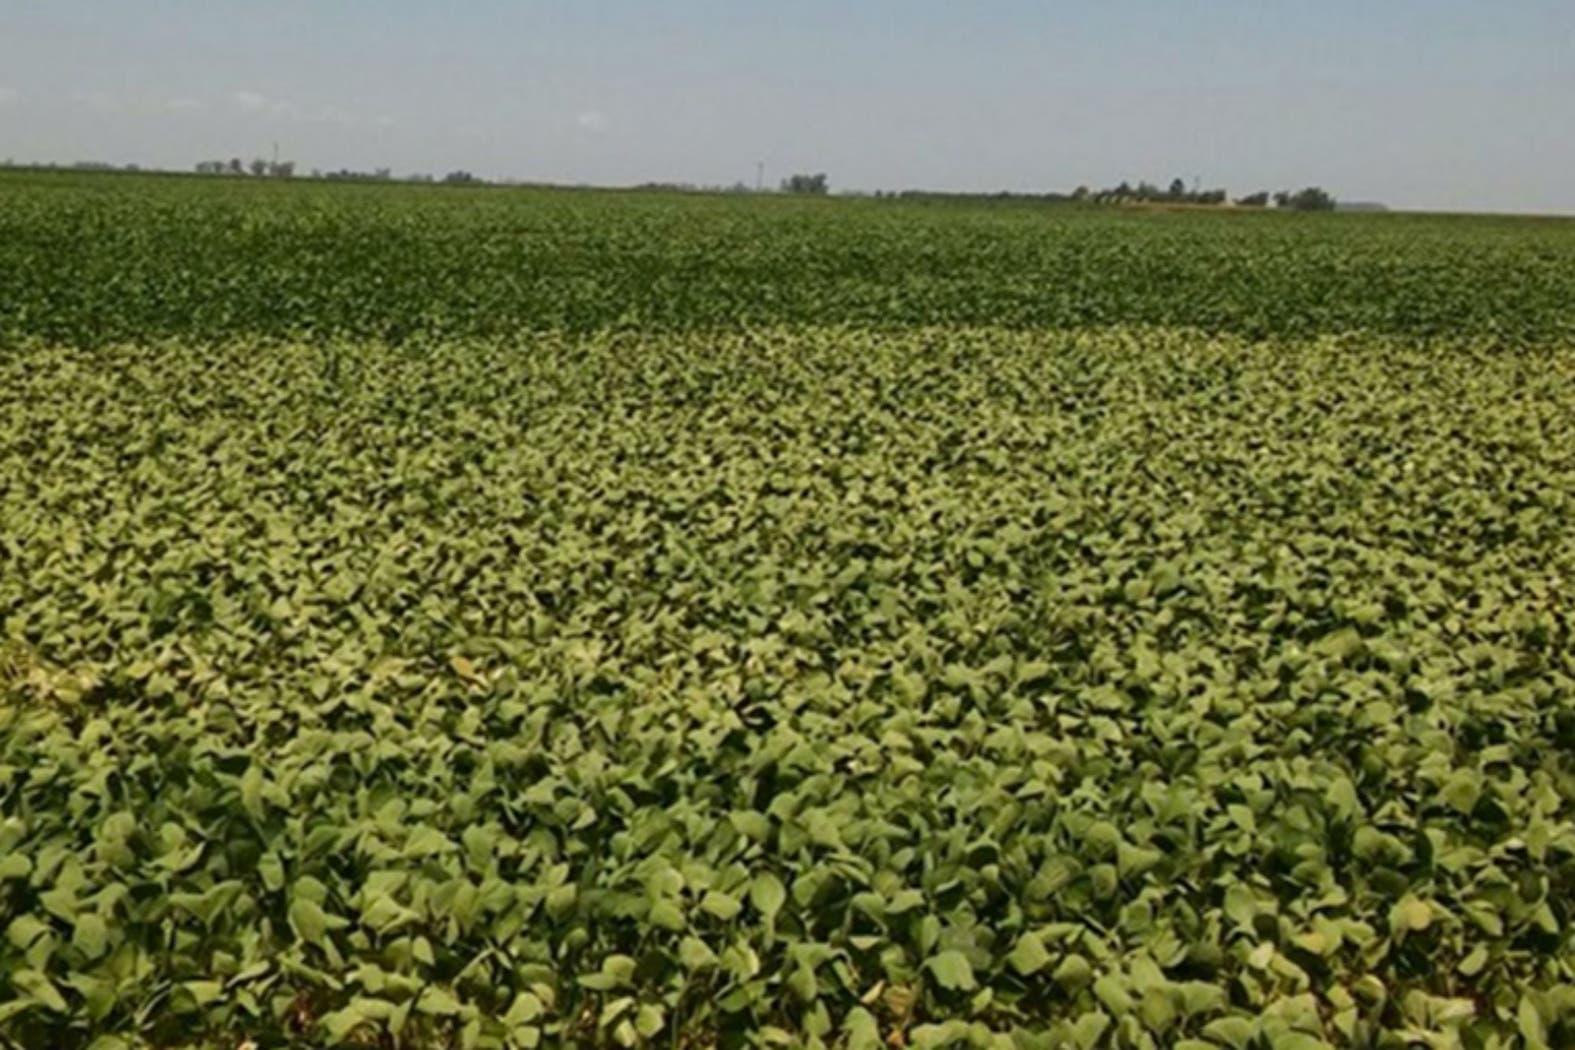 Las pérdidas en soja por las tres sequías en los últimos diez años equivalen al 25% de las reservas internacionales